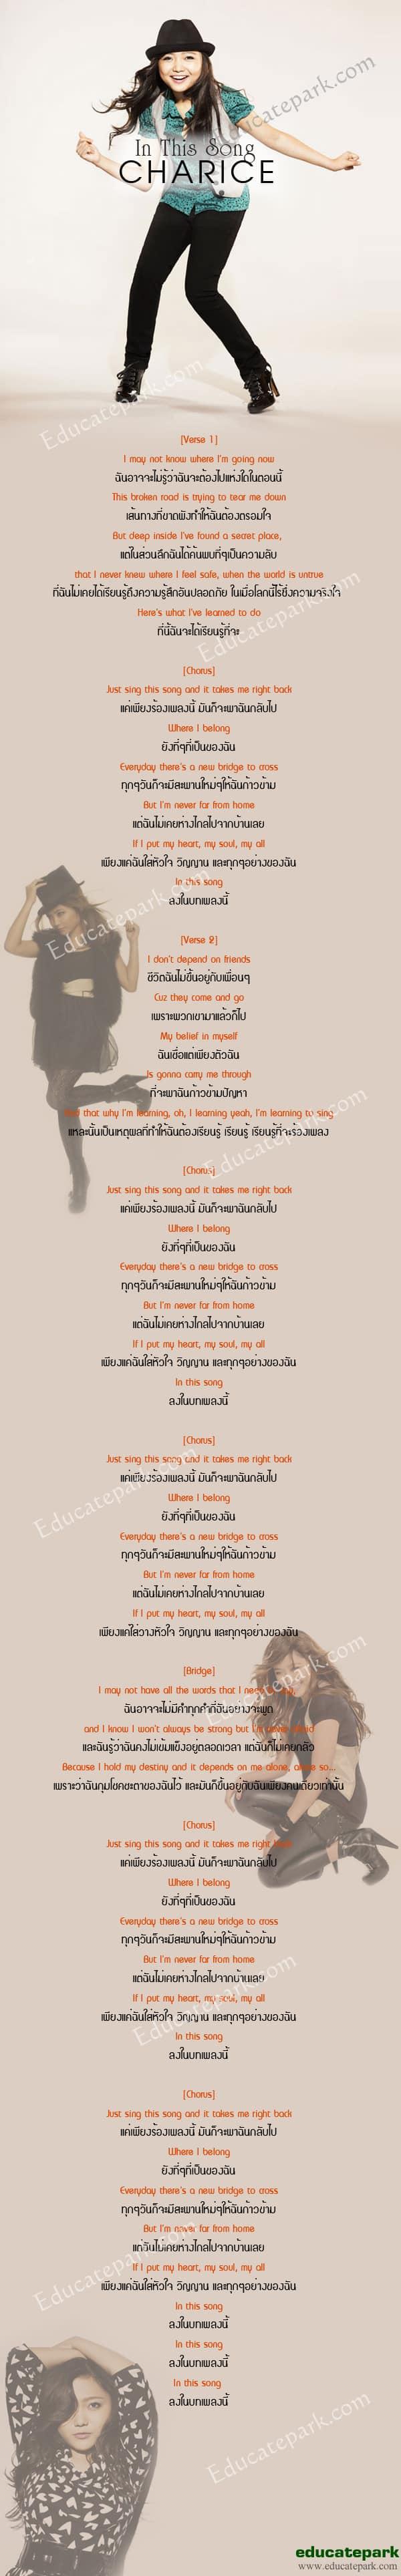 แปลเพลง In This Song - Charice